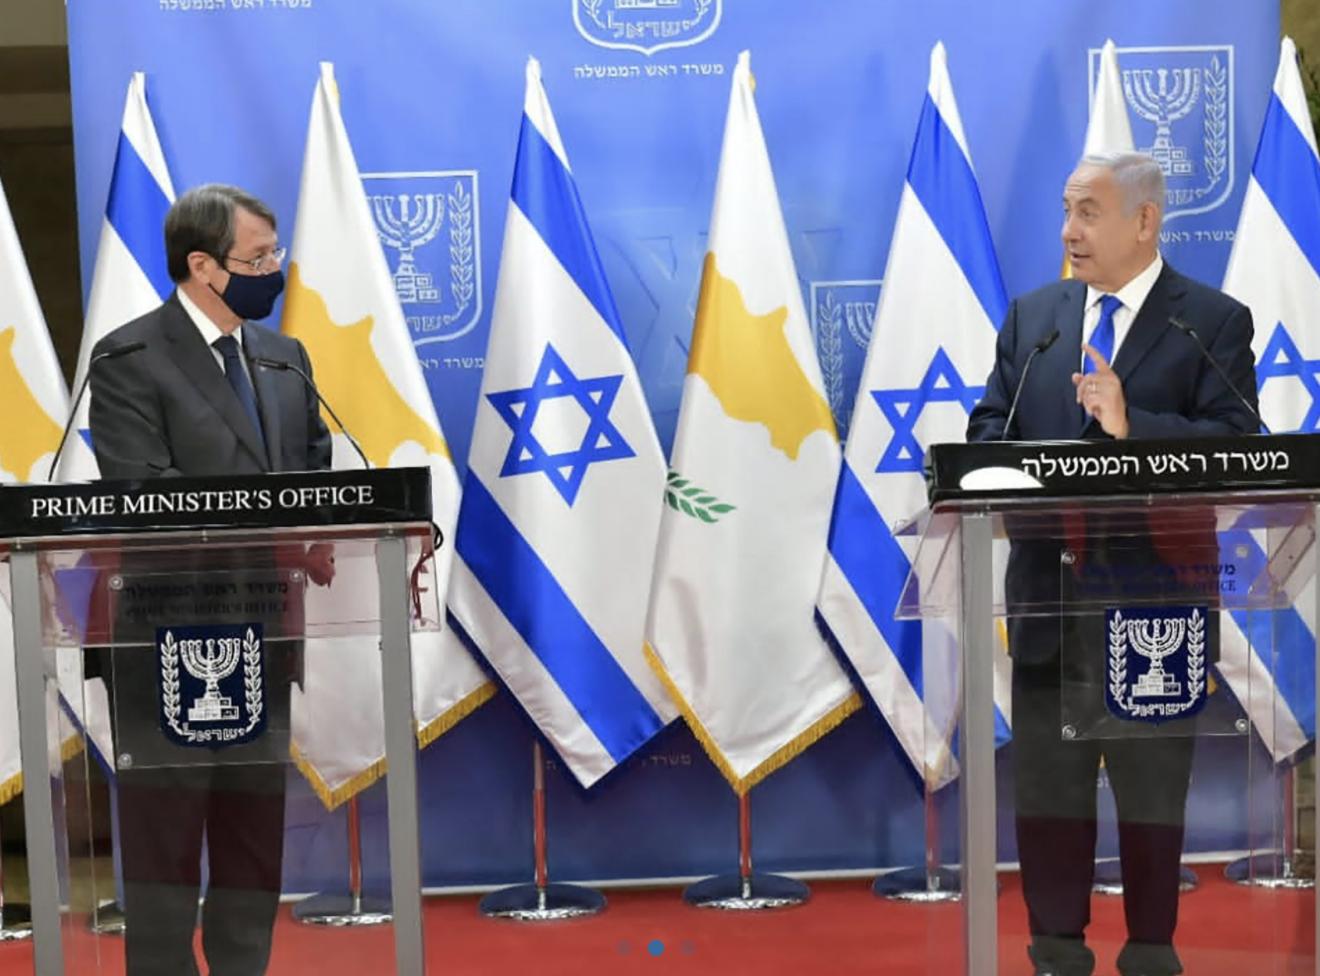 Κύπρος: Συναντήθηκαν Αναστασιάδης Netanyahu στην Ιερουσαλήμ